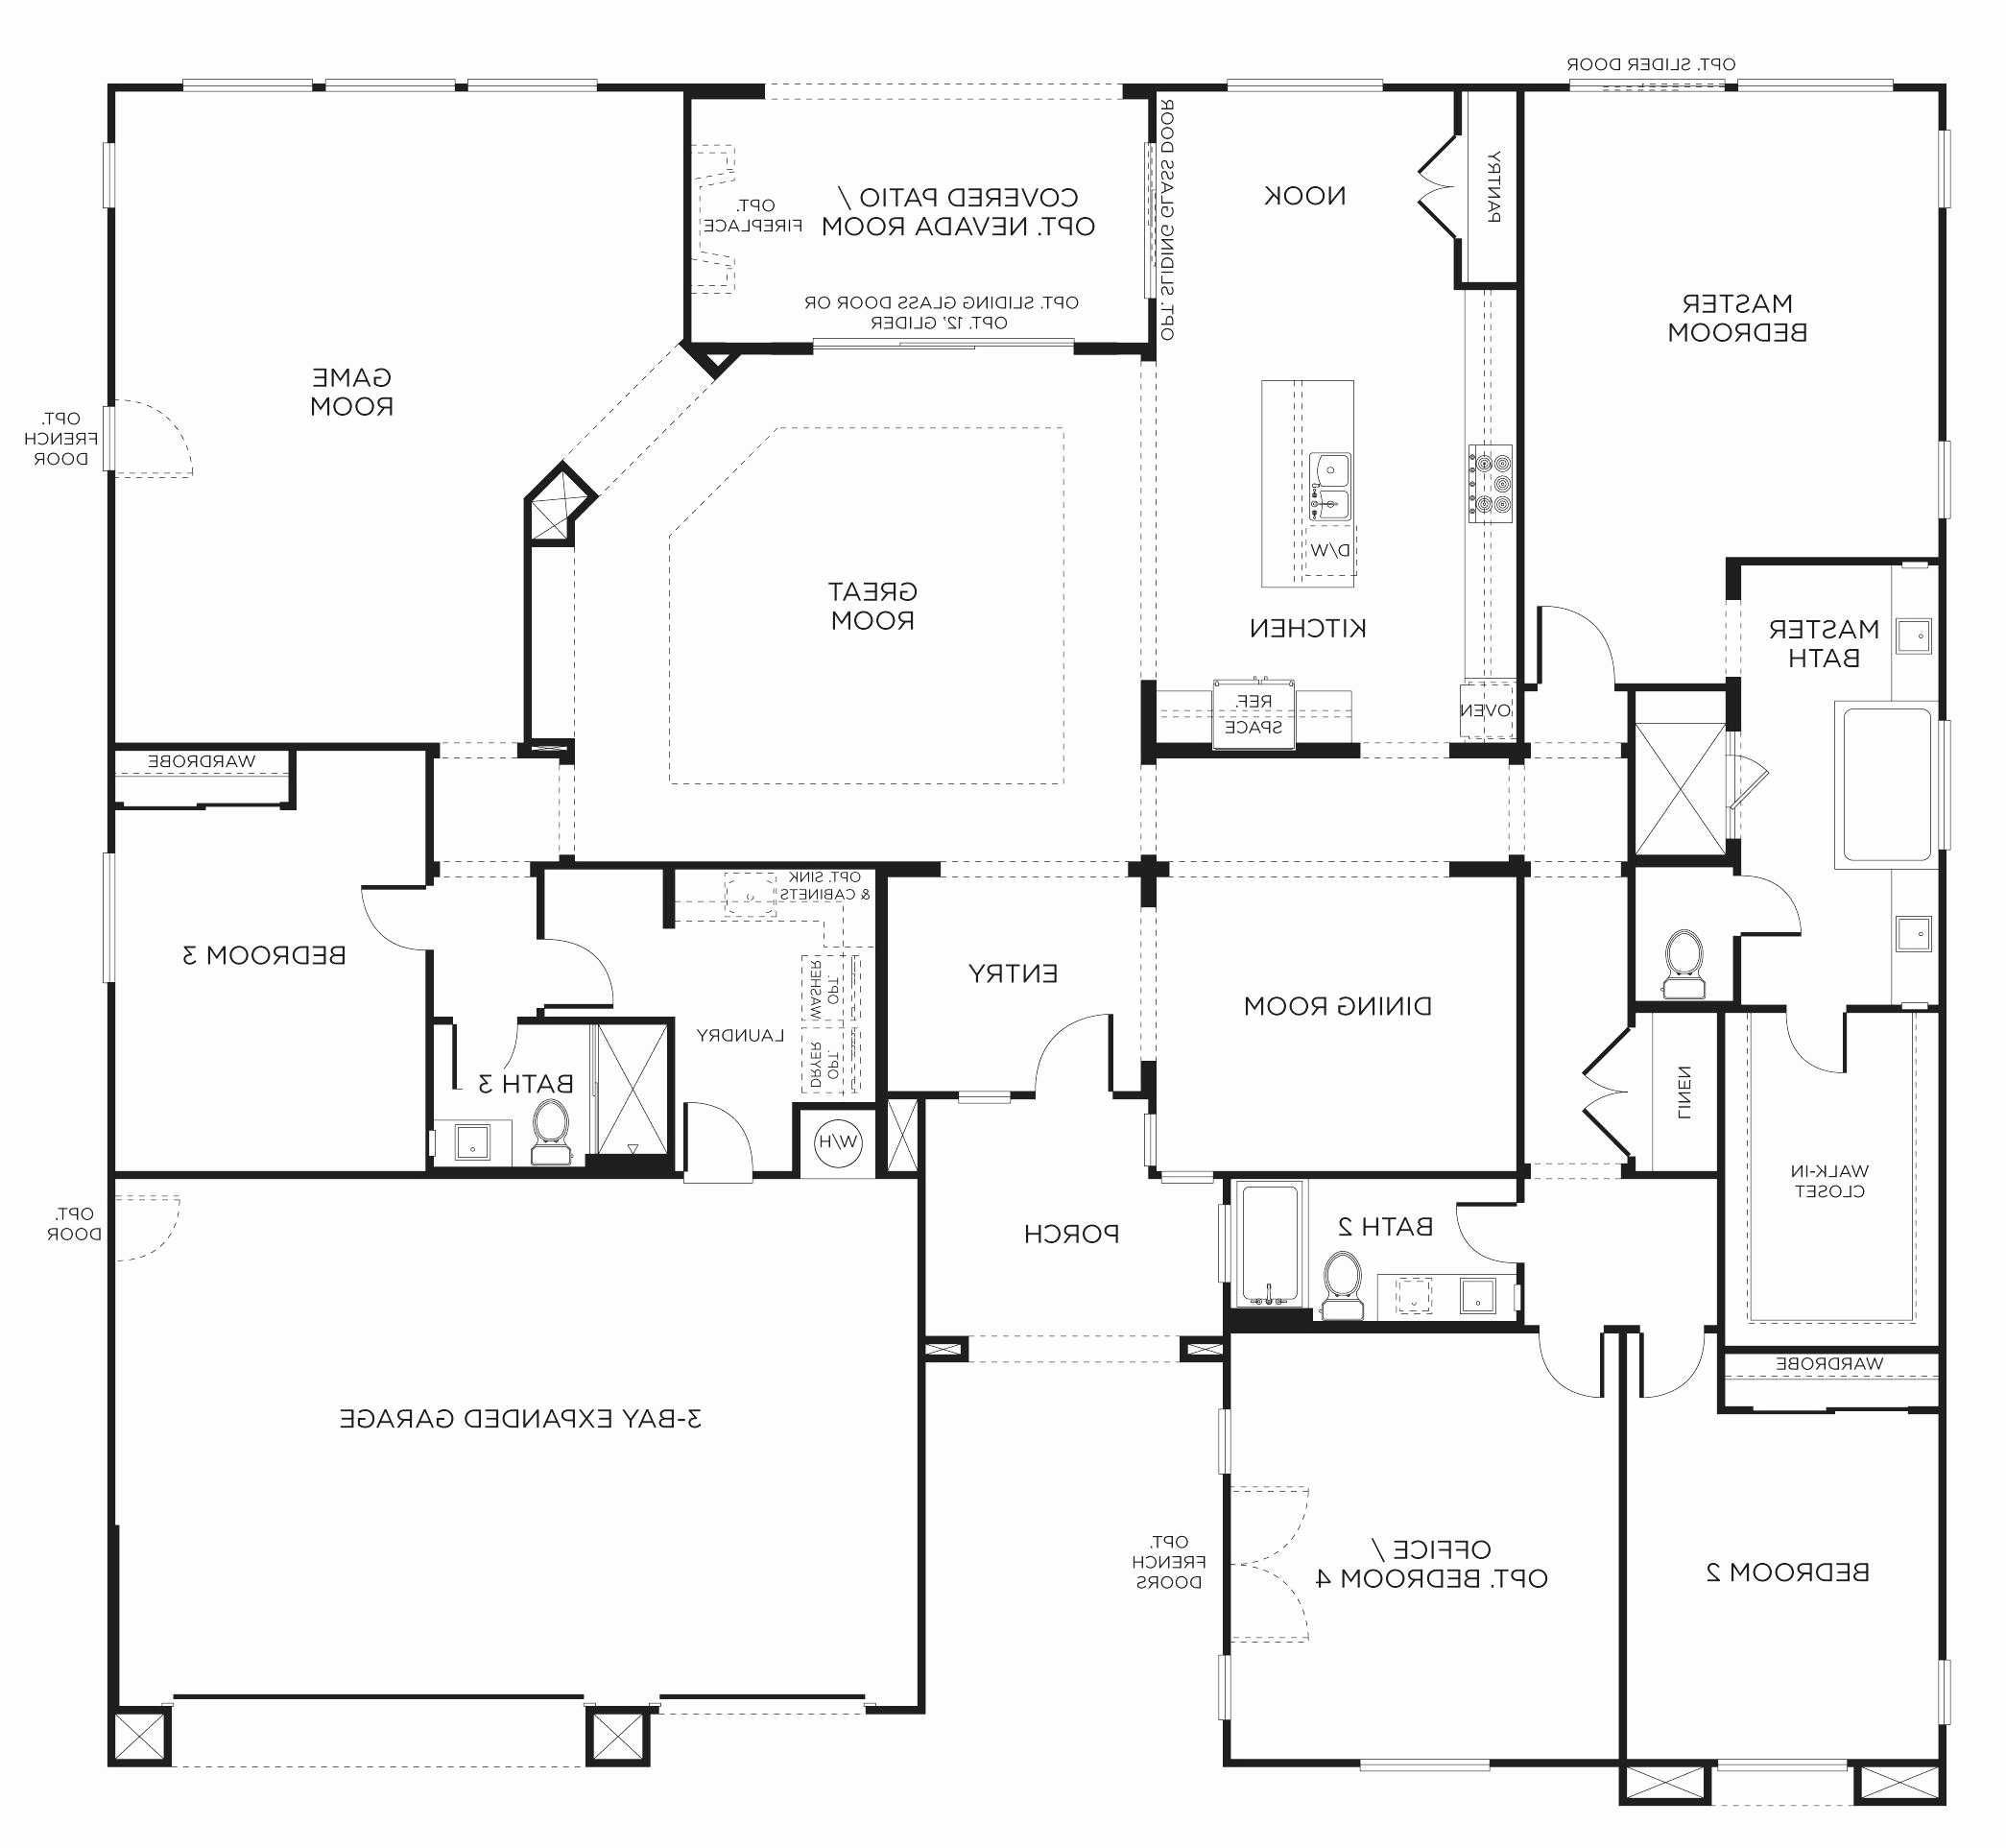 Single Story Open Concept Farmhouse Floor Plans Luxury Single Story Open Concept Farmhous Farmhouse Floor Plans One Storey House Building House Plans Designs